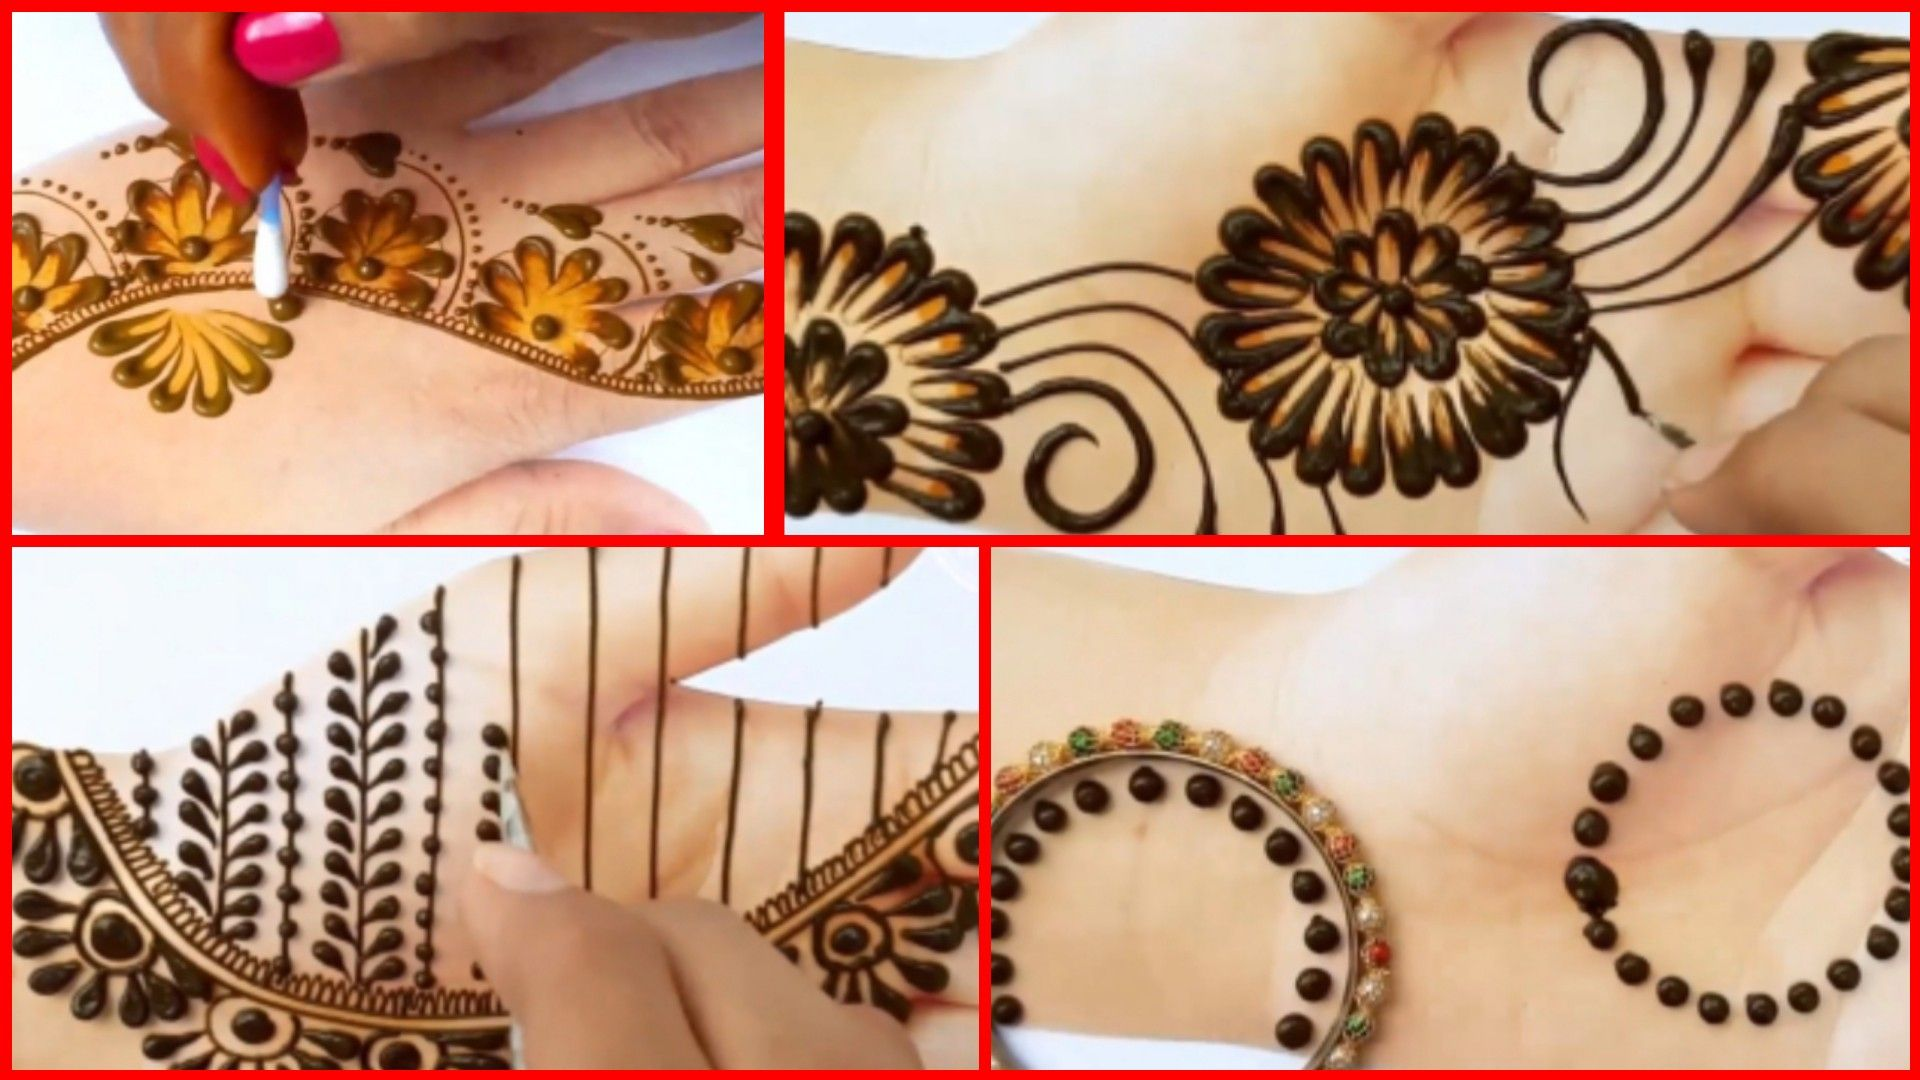 نقش حناء رووعة Henna Tattoo Design 2020 Henna Tattoo Diy Henna Kit Mehndi Designs For Hands